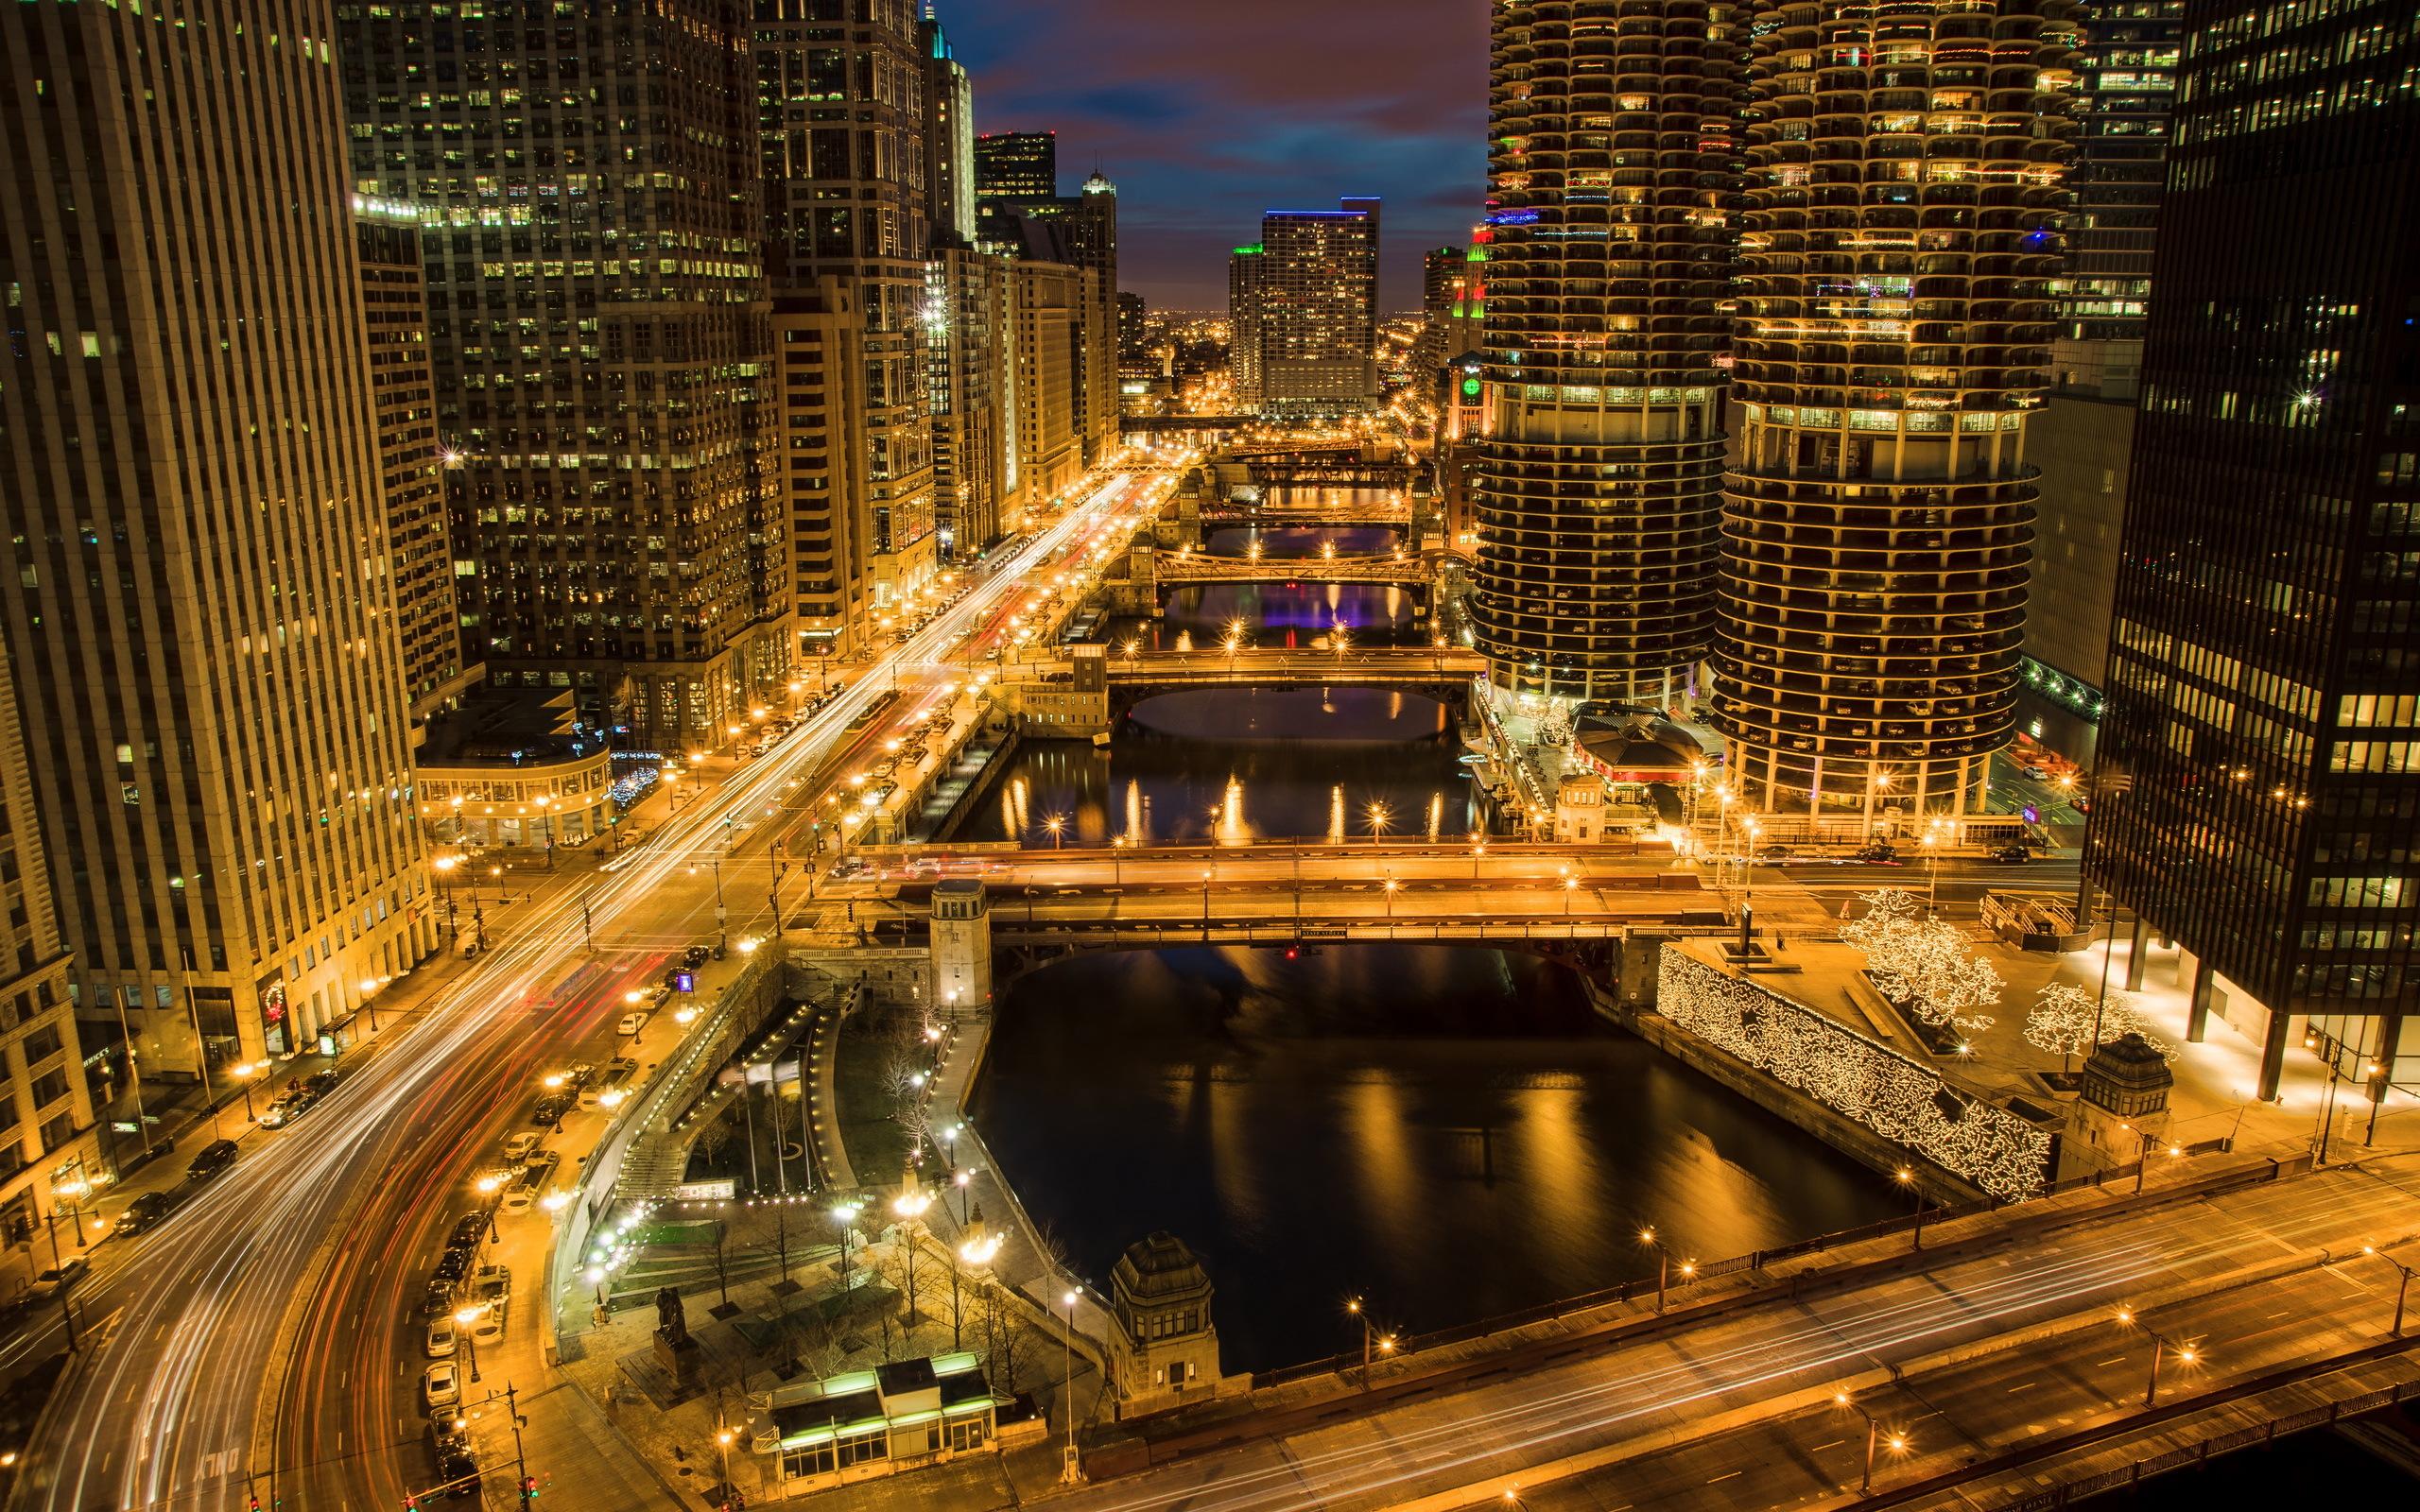 Chicago night lights